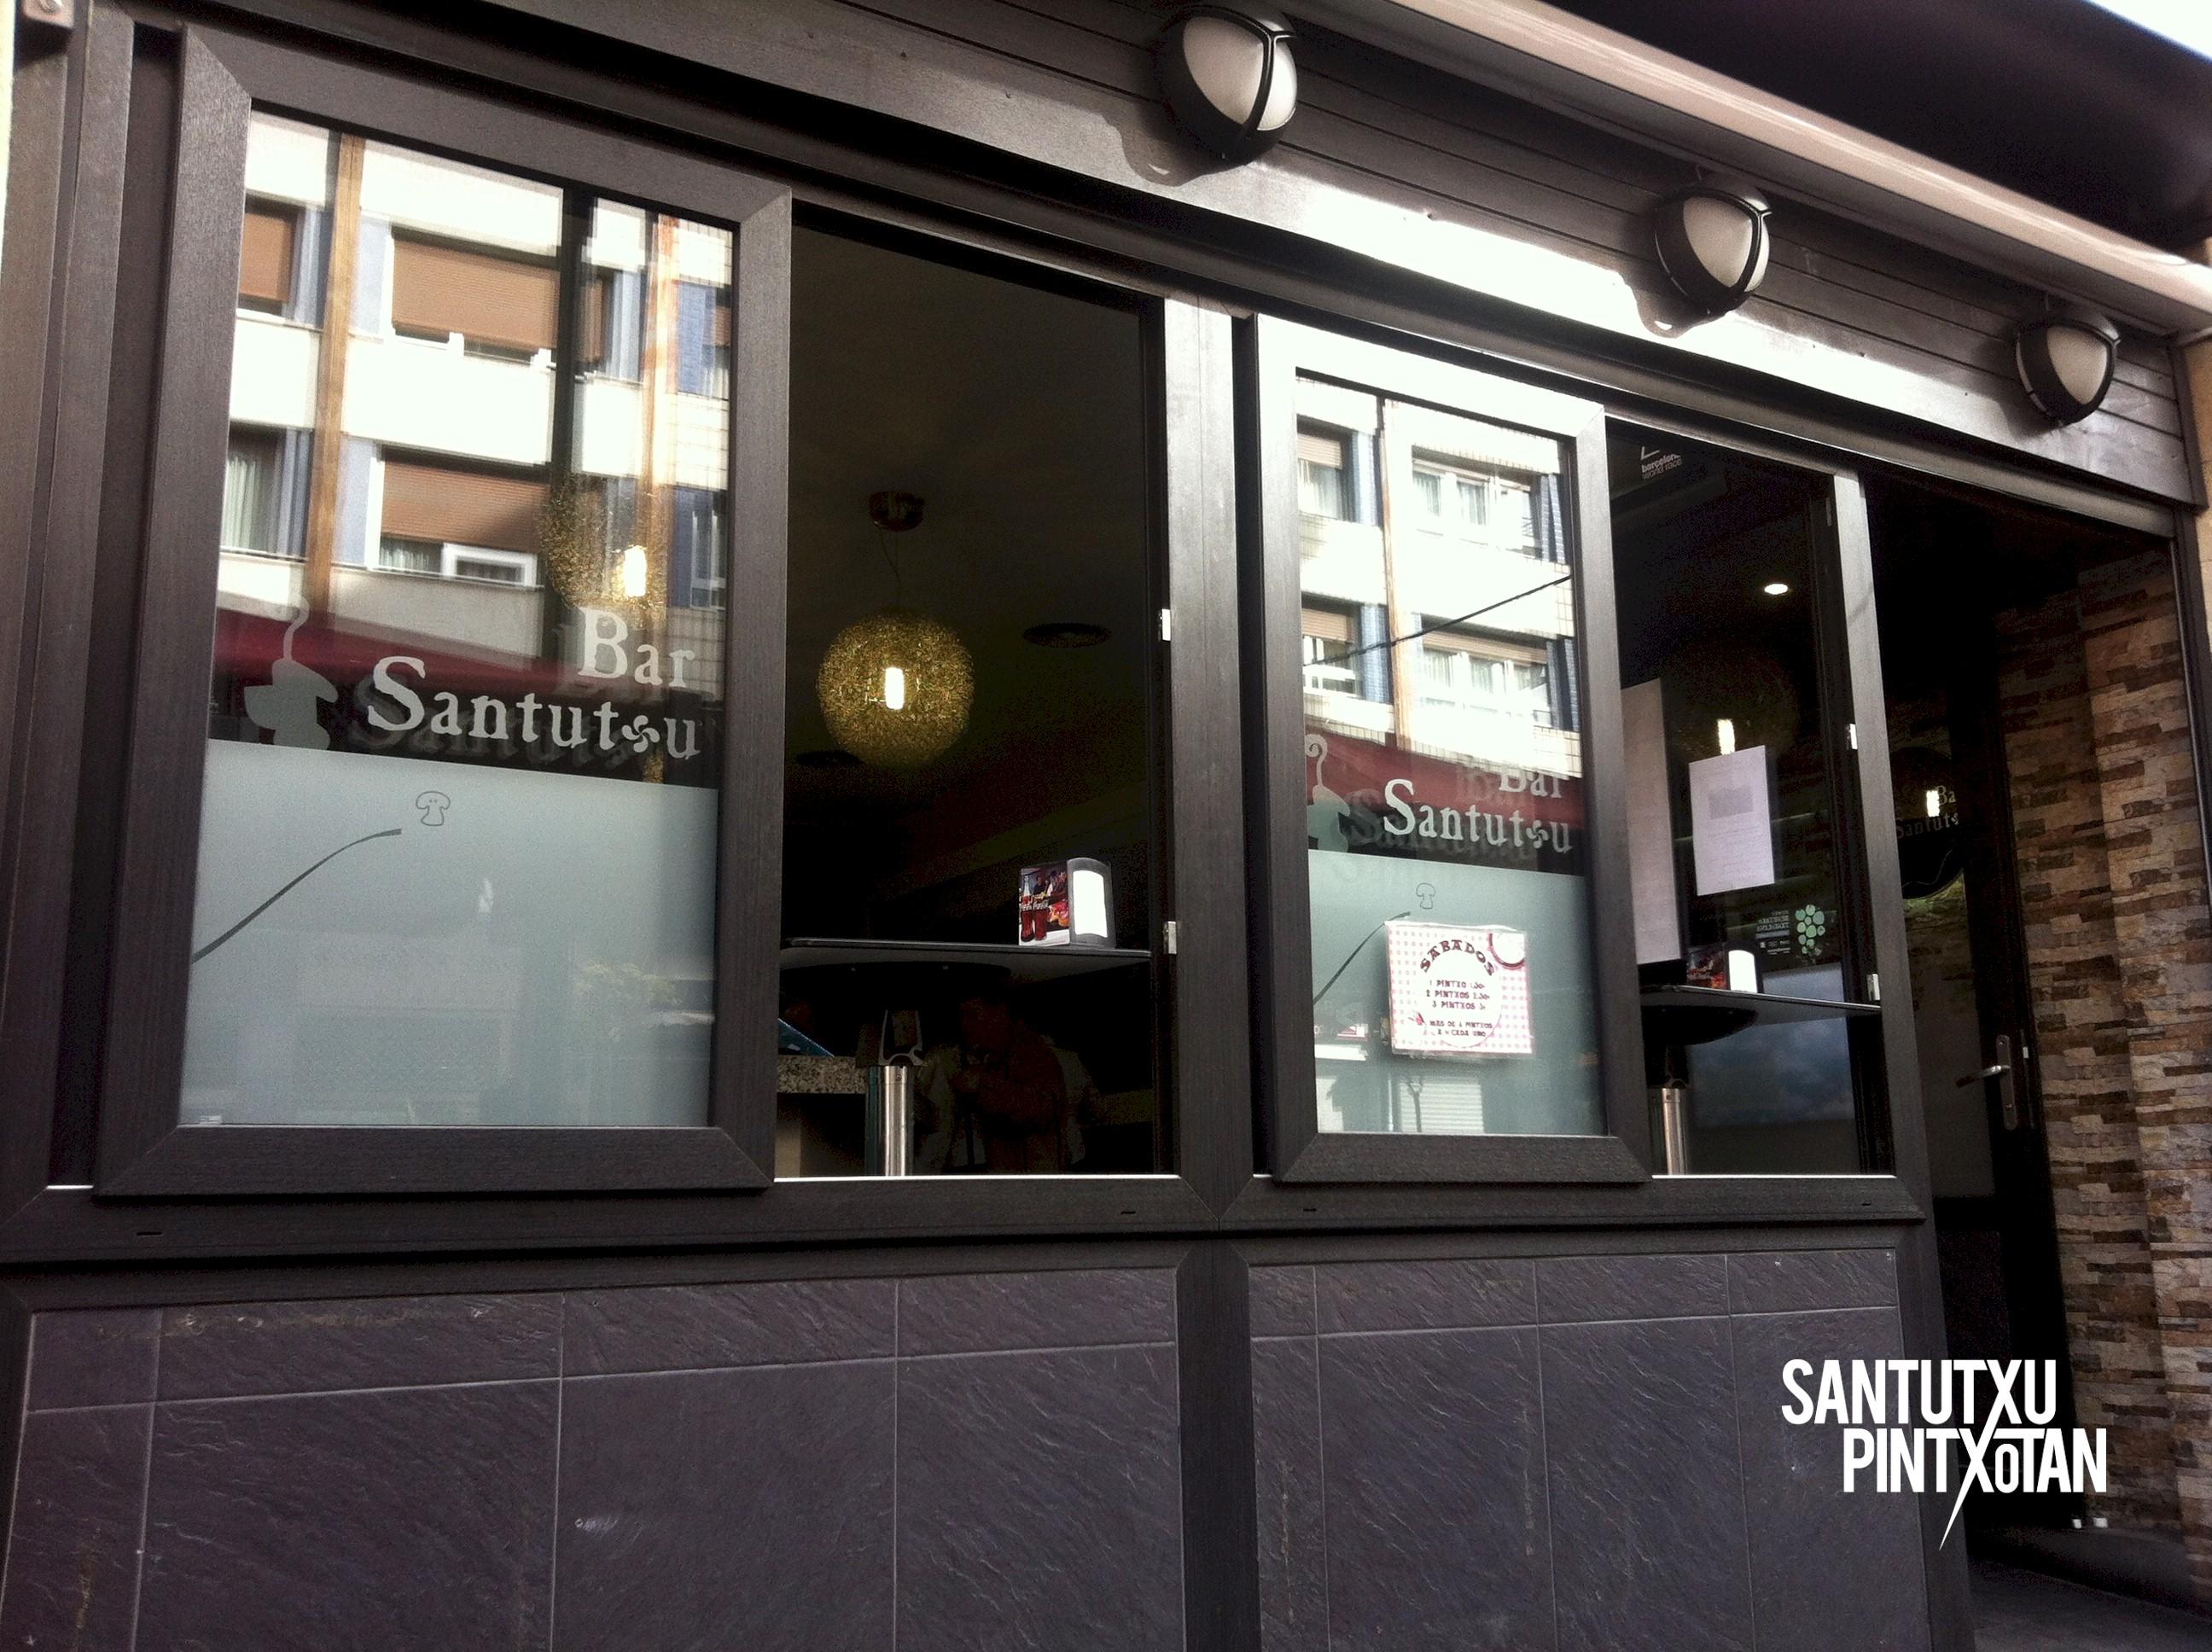 Bar Santutxu - Santutxu